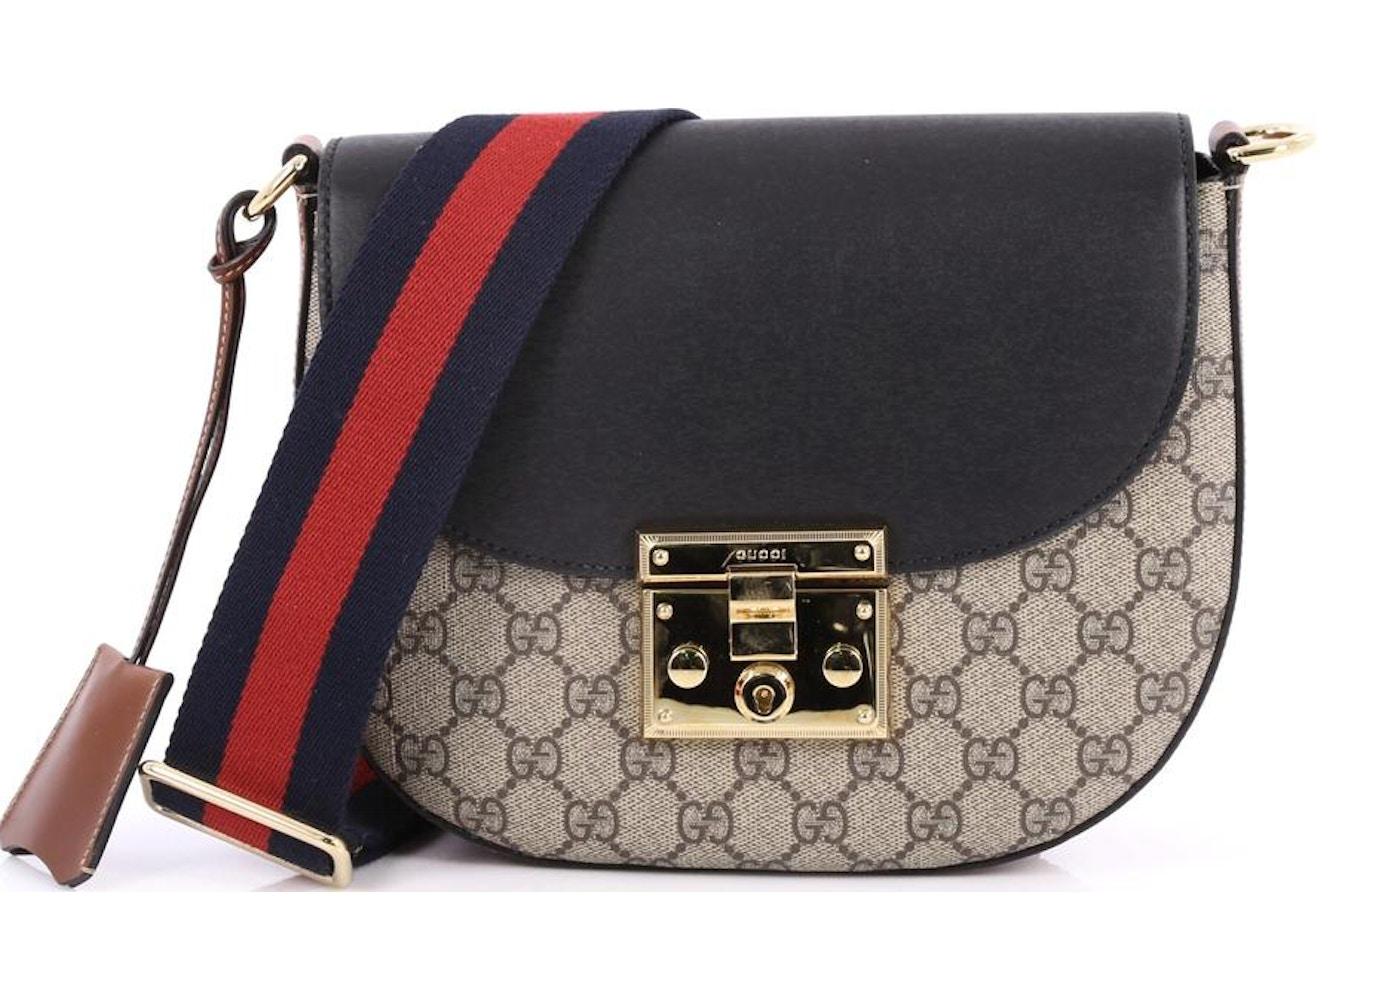 d7774c226 Gucci Padlock Shoulder Bag Monogram GG Medium Tan/Black/Brown ...